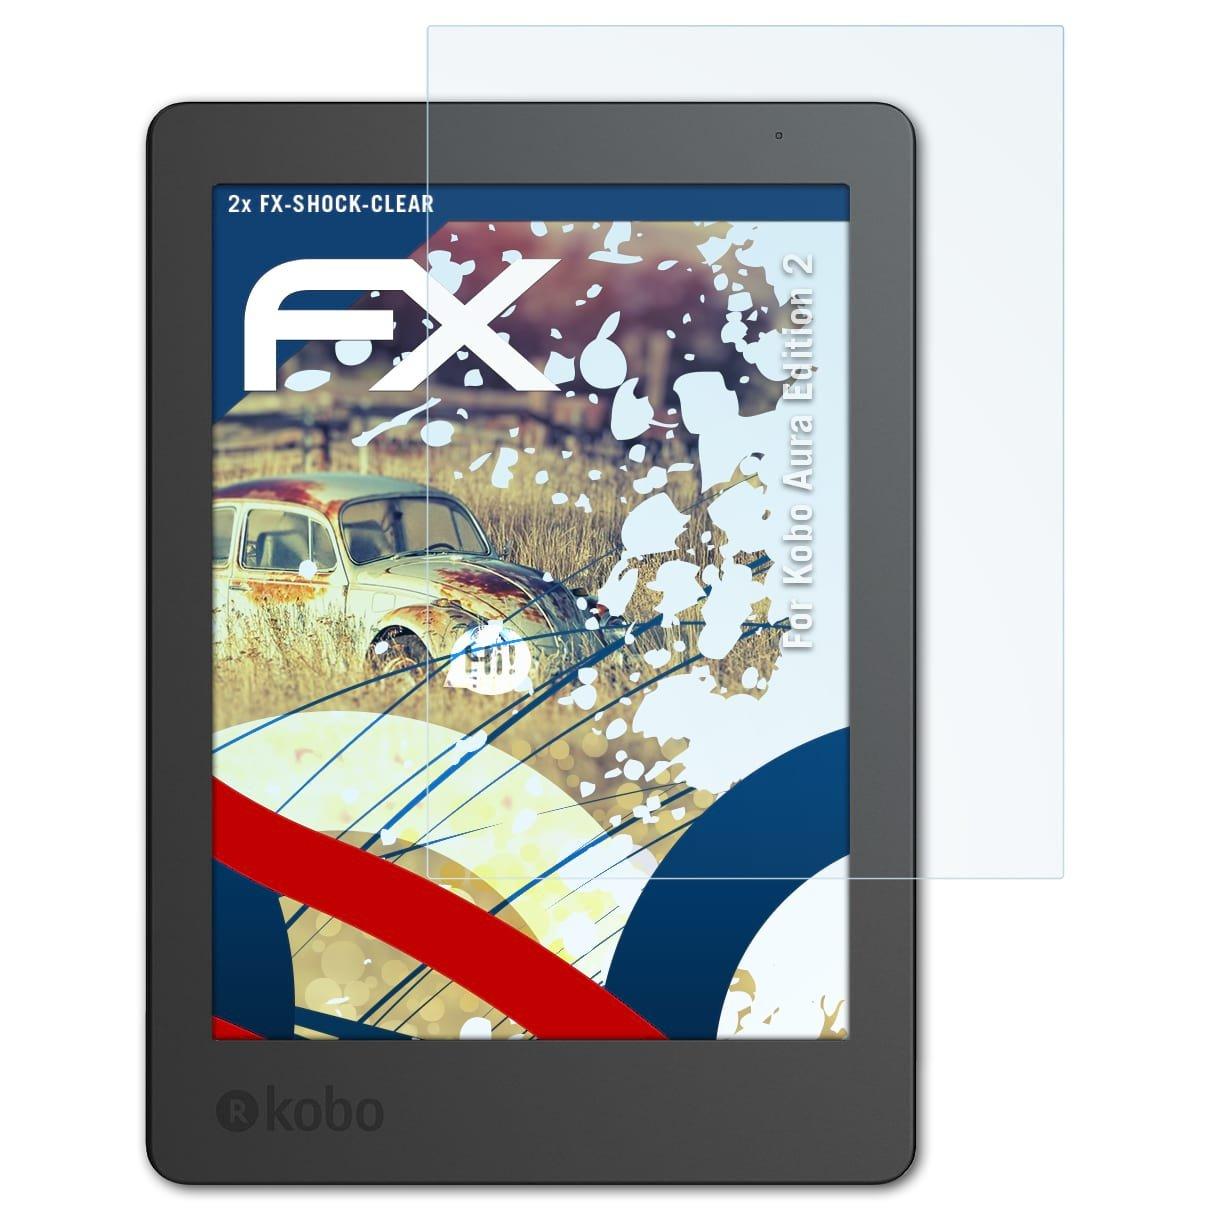 atFoliX Antichoque Película Protectora para Kobo Aura Edition 2 ...